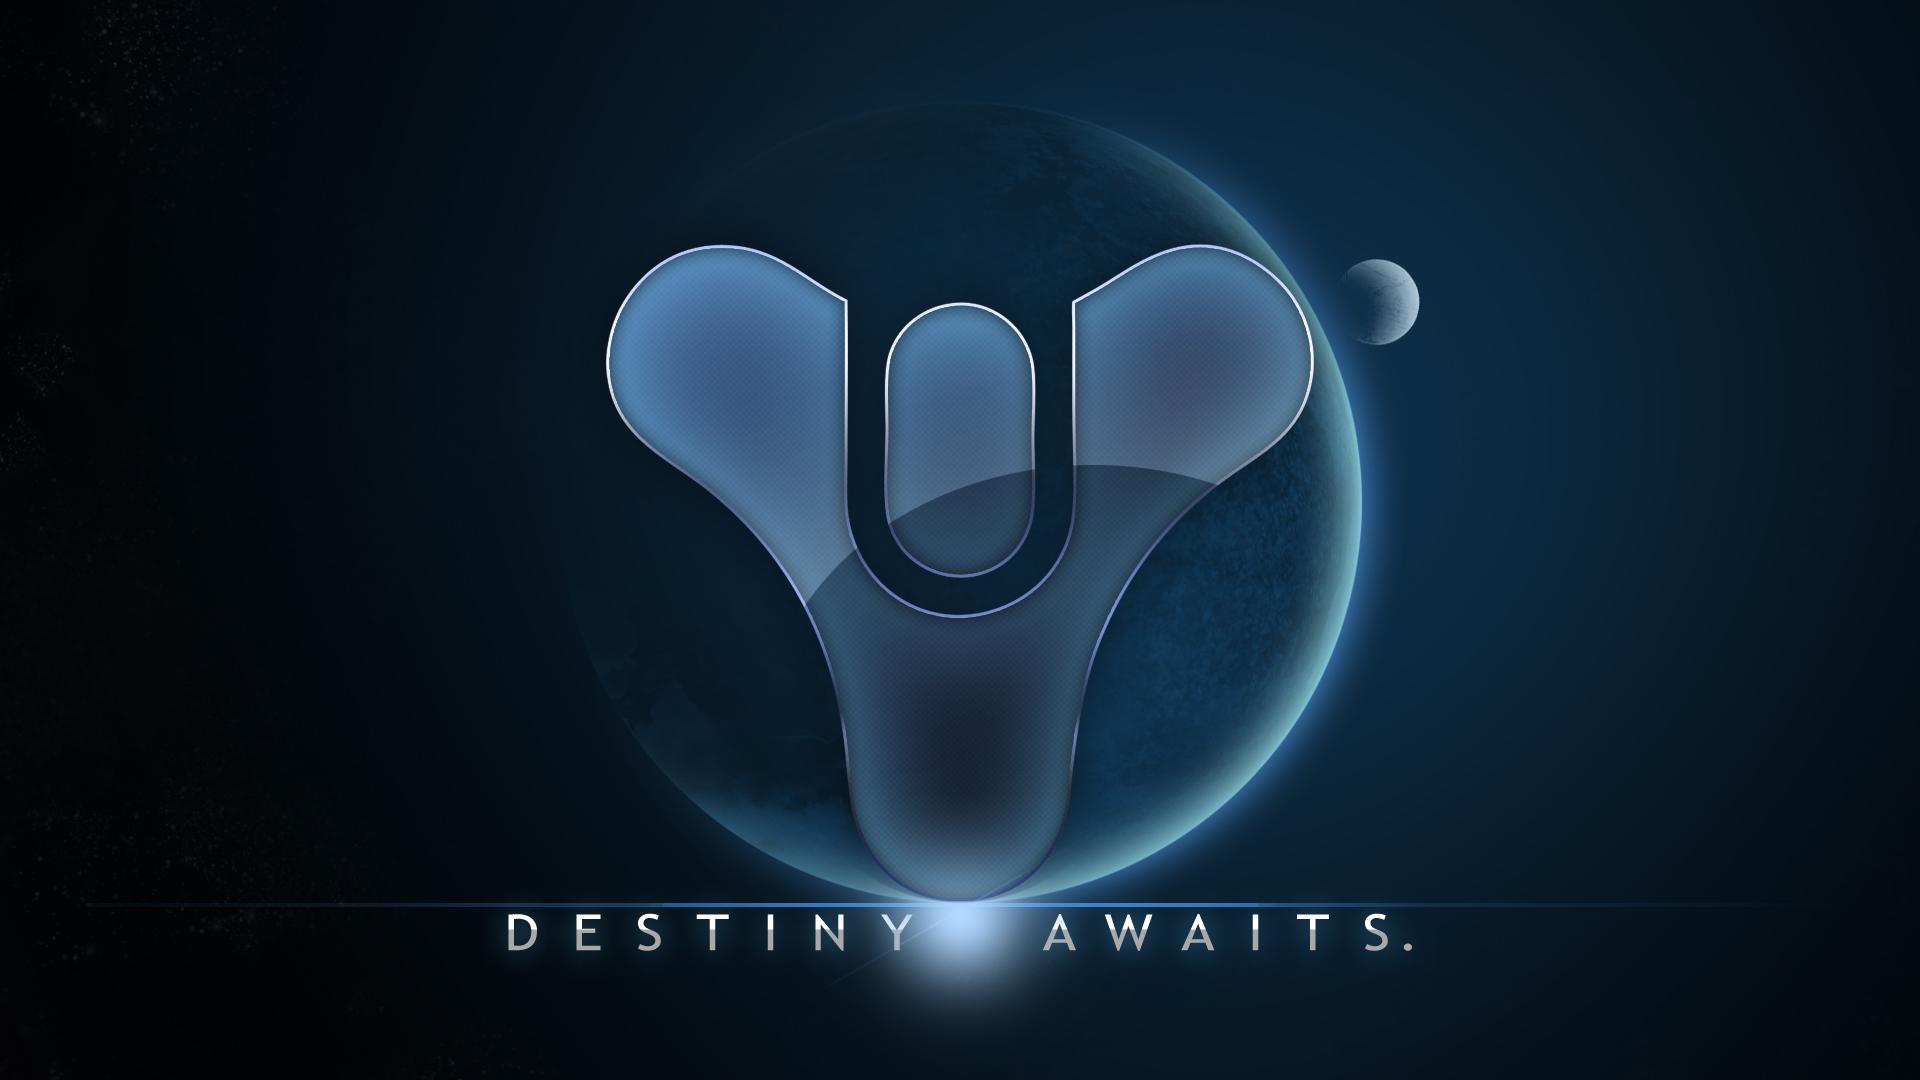 X clipartfest image. Destiny clipart 1920x1080